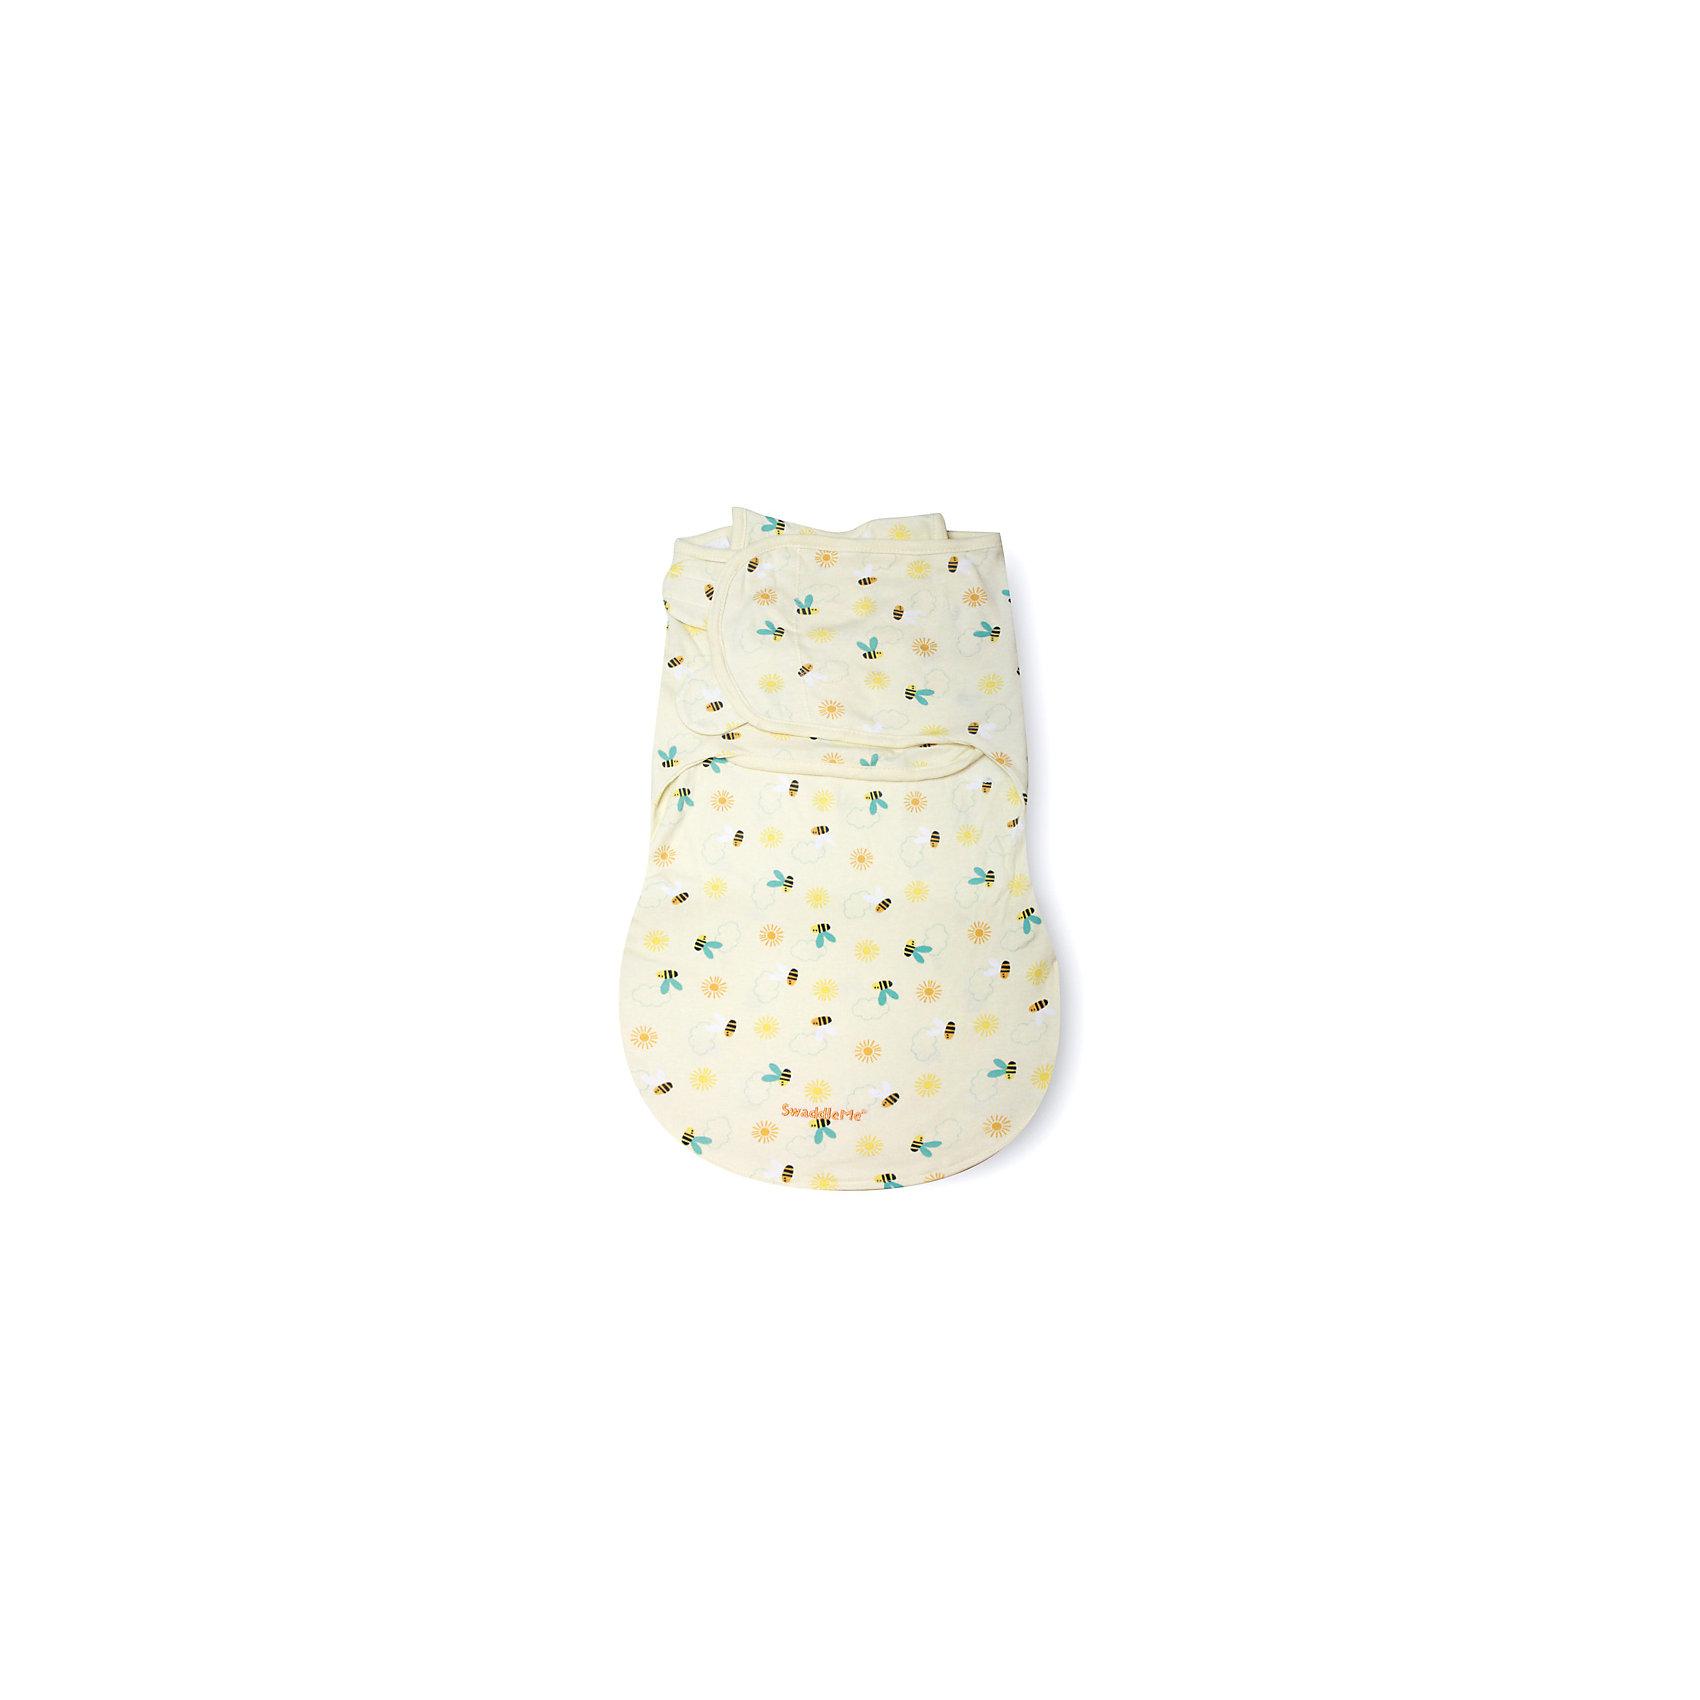 Конверт для пеленания SwaddleMe WrapSack, размер S/M, белый с пчелками